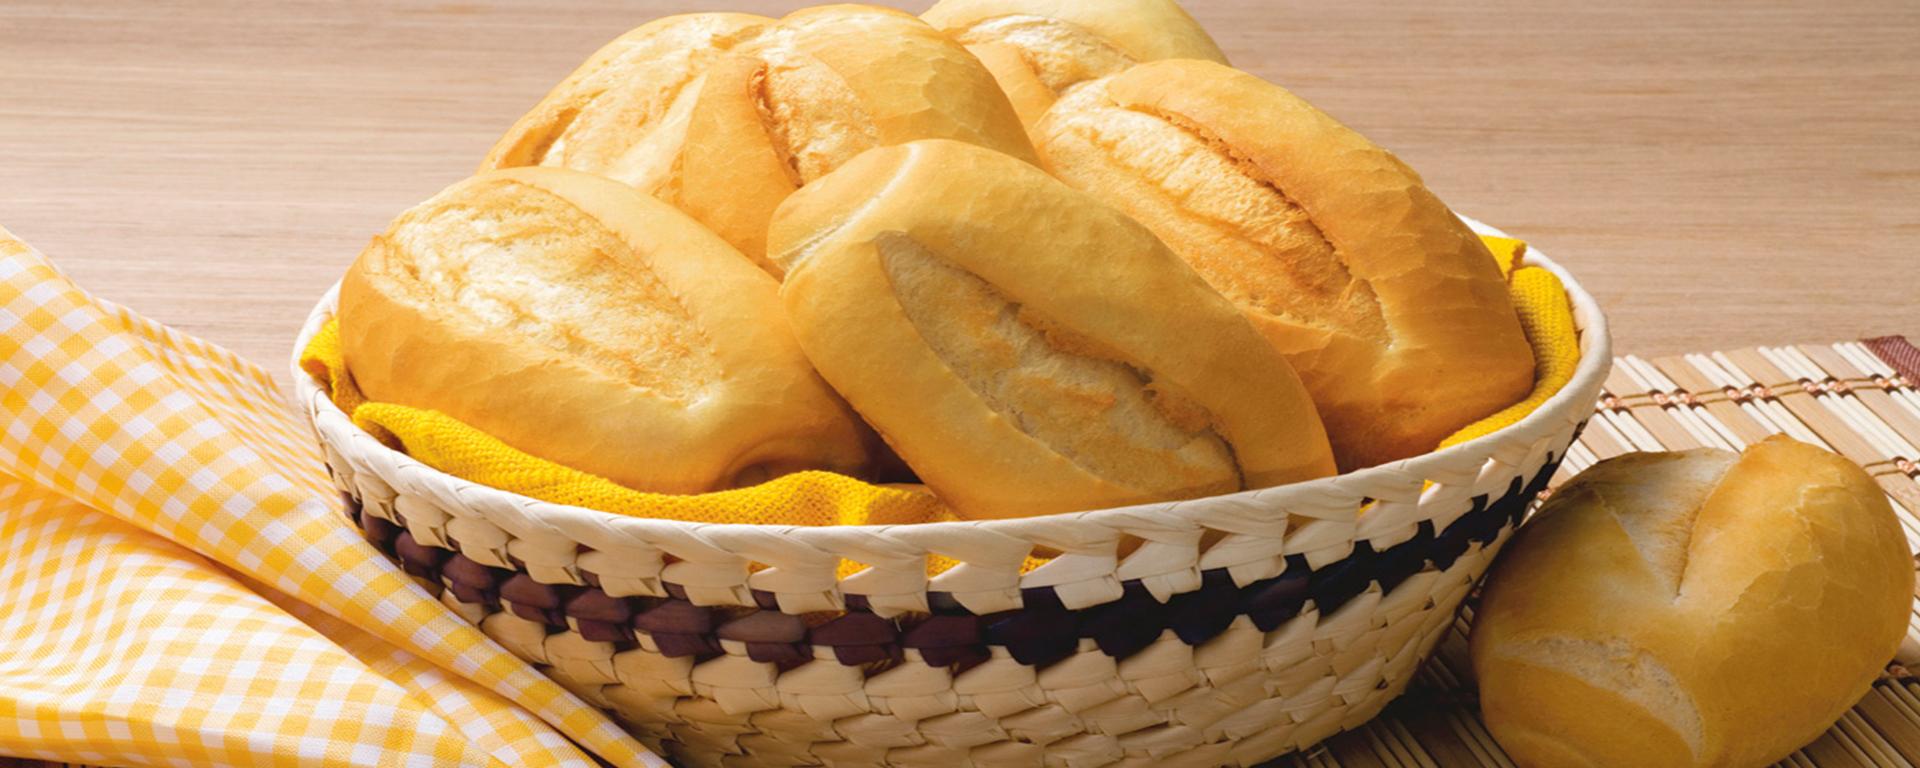 Pães com atributos de saudabilidade